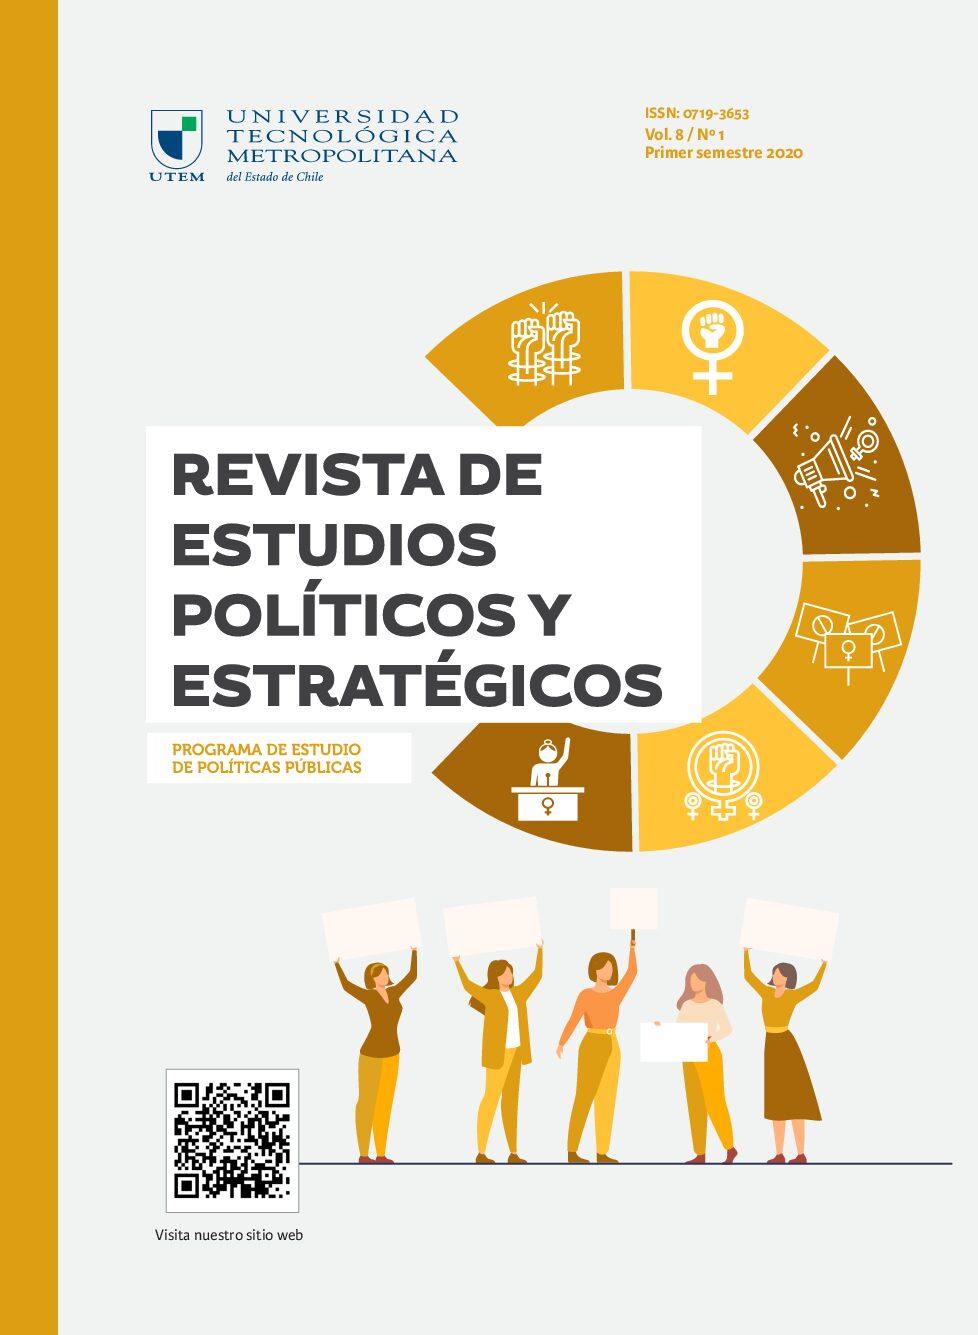 Continúa la actividad del Dr. Gustavo Di Paolo como evaluador de artículos científicos